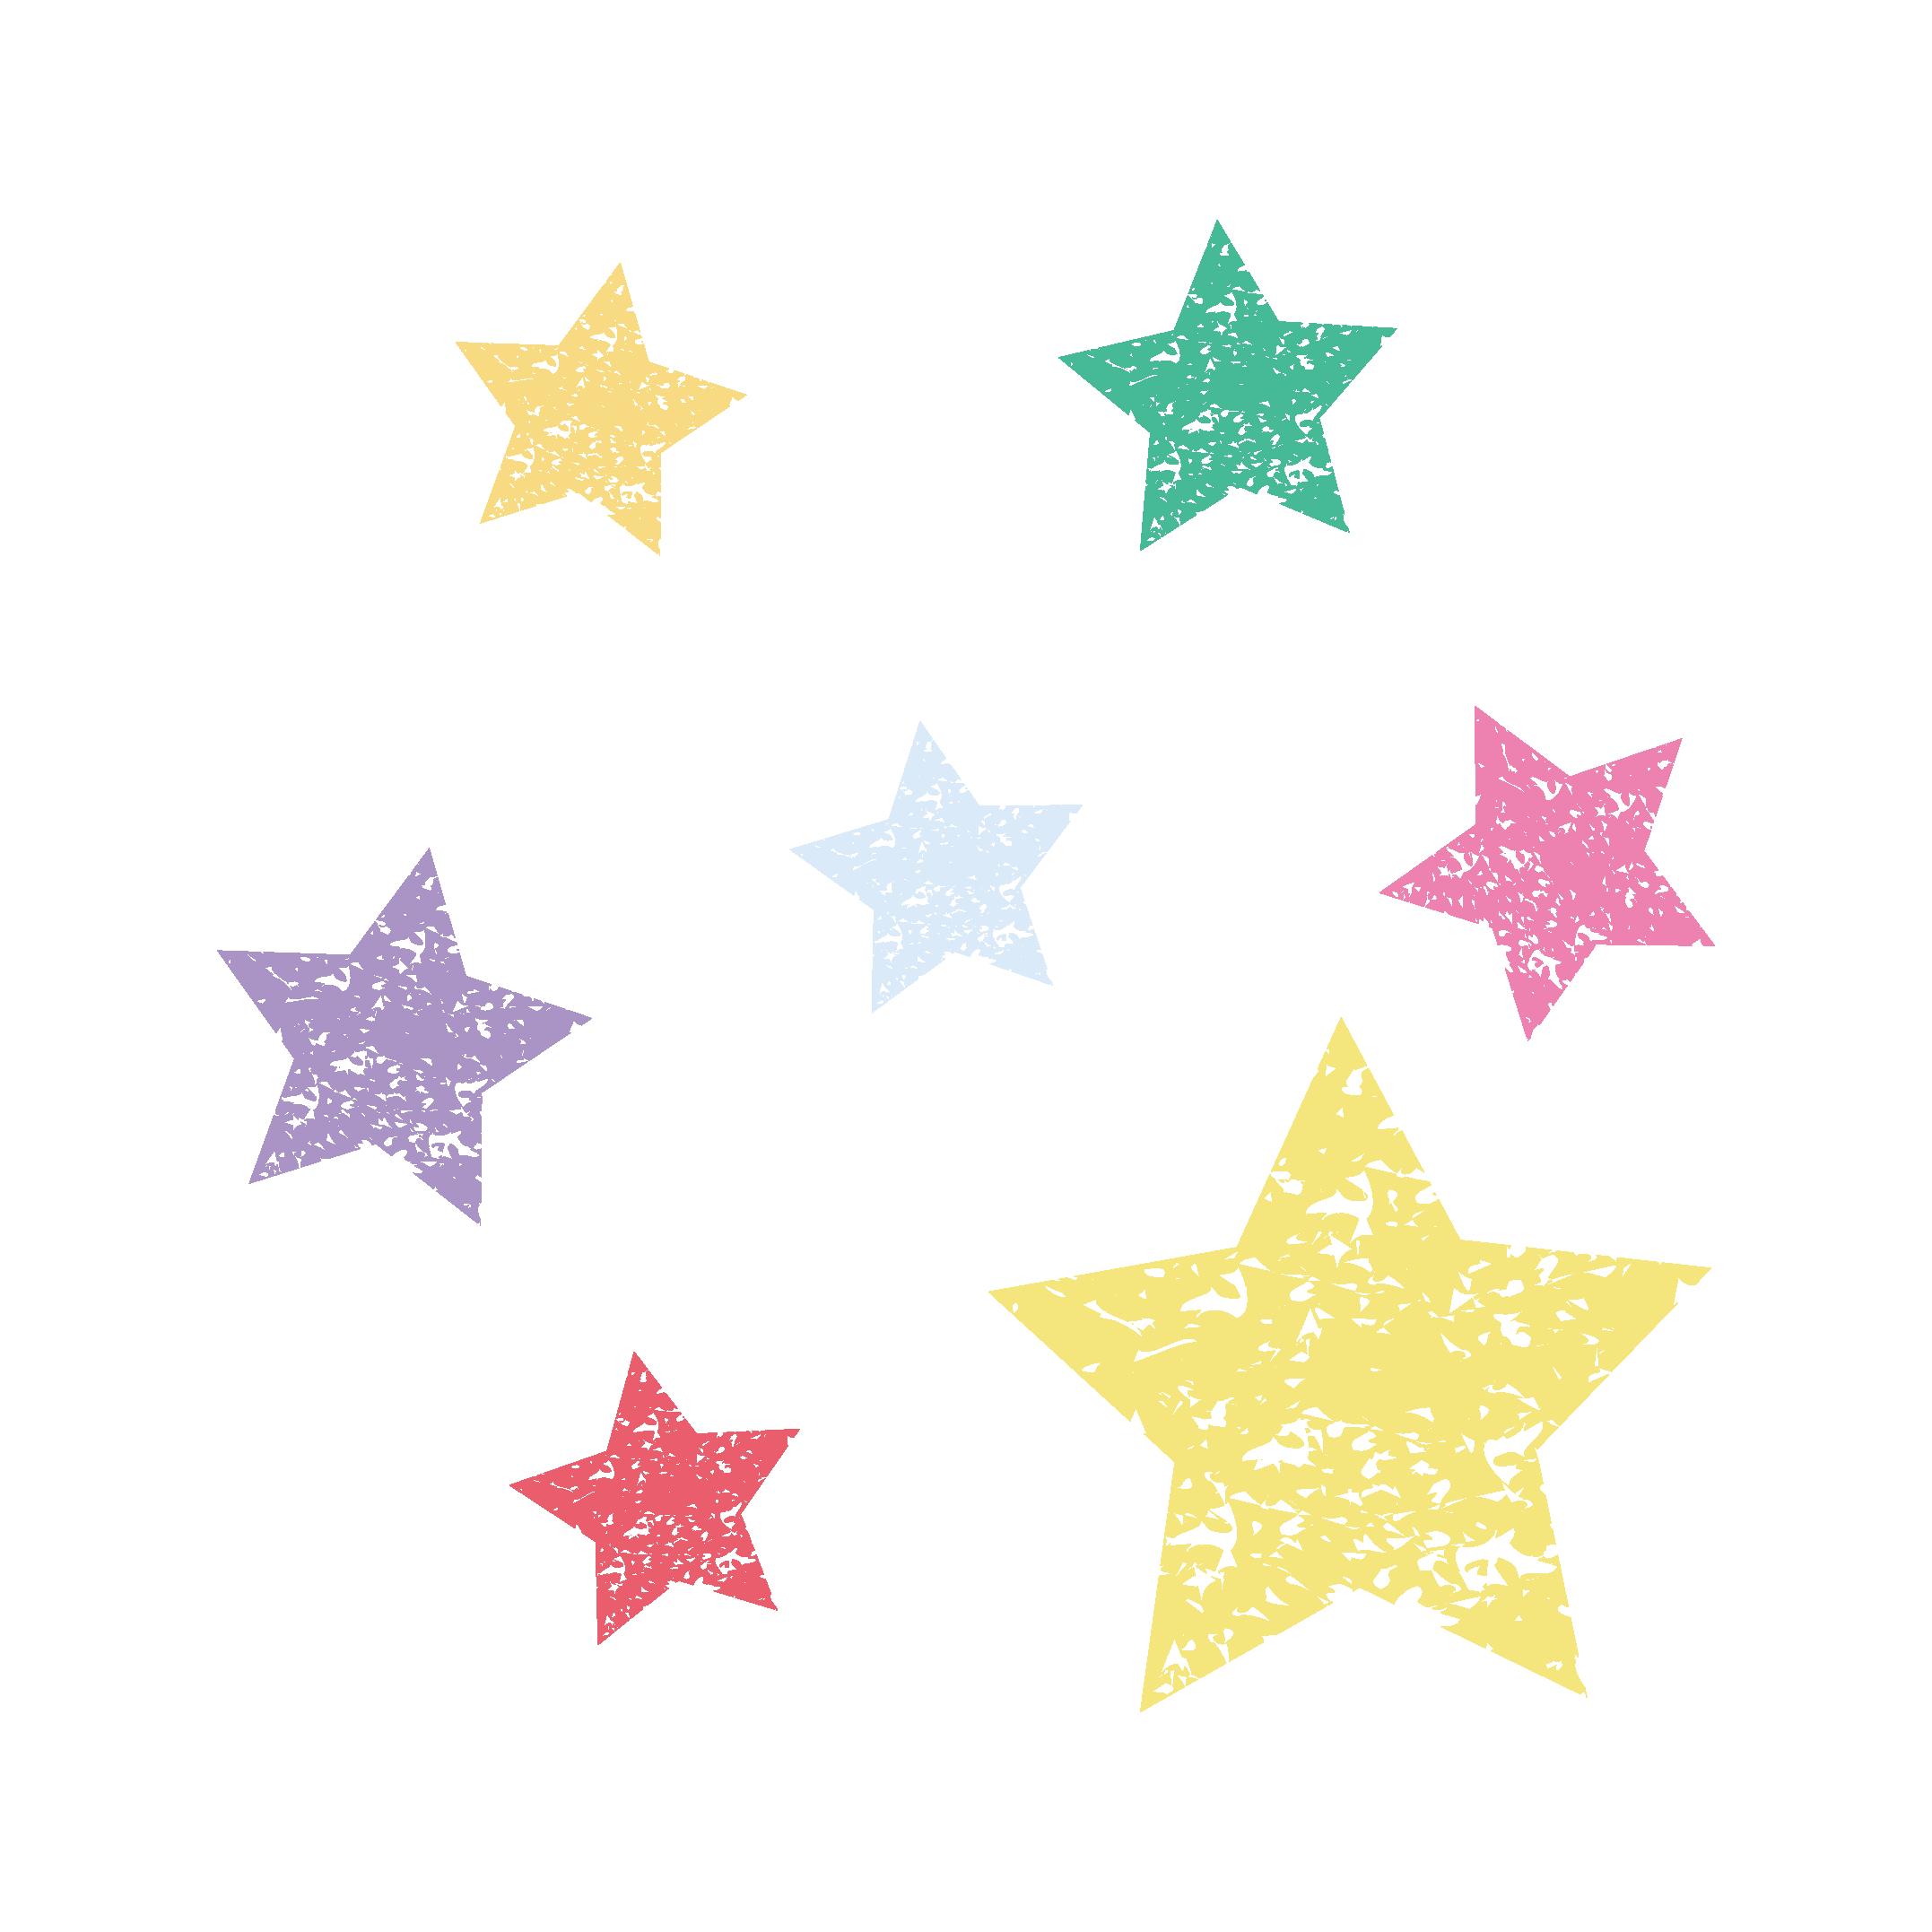 星(スター)のスタンプ イラスト | 商用フリー(無料)のイラスト素材